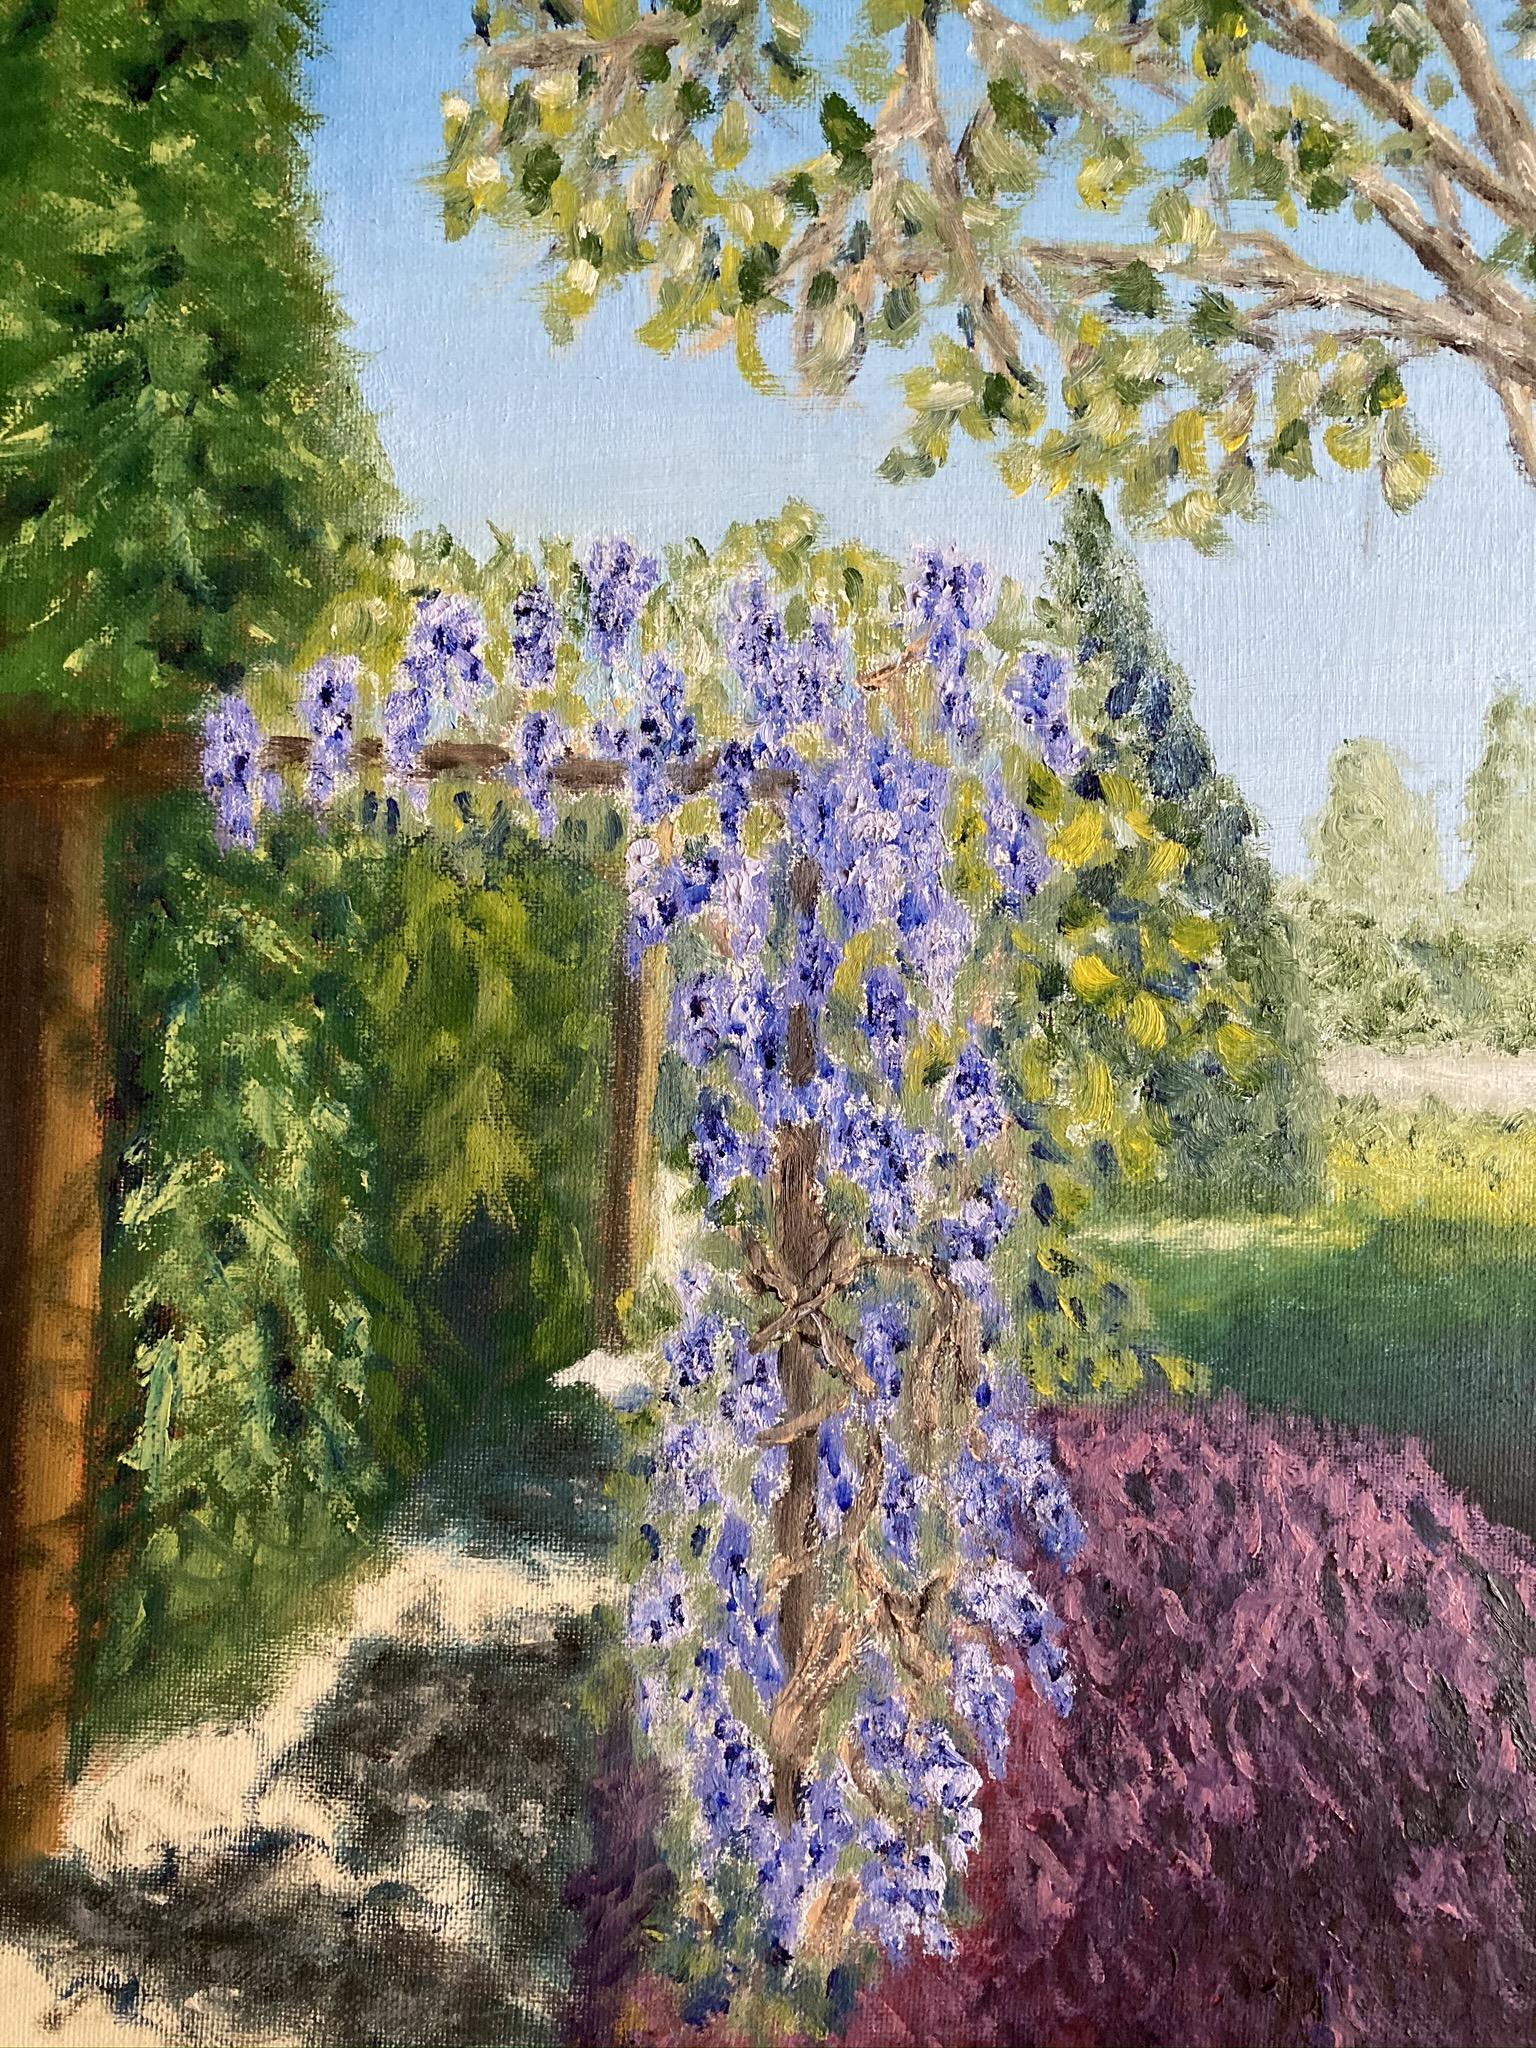 9. Wisteria arbour - Castle Gardens